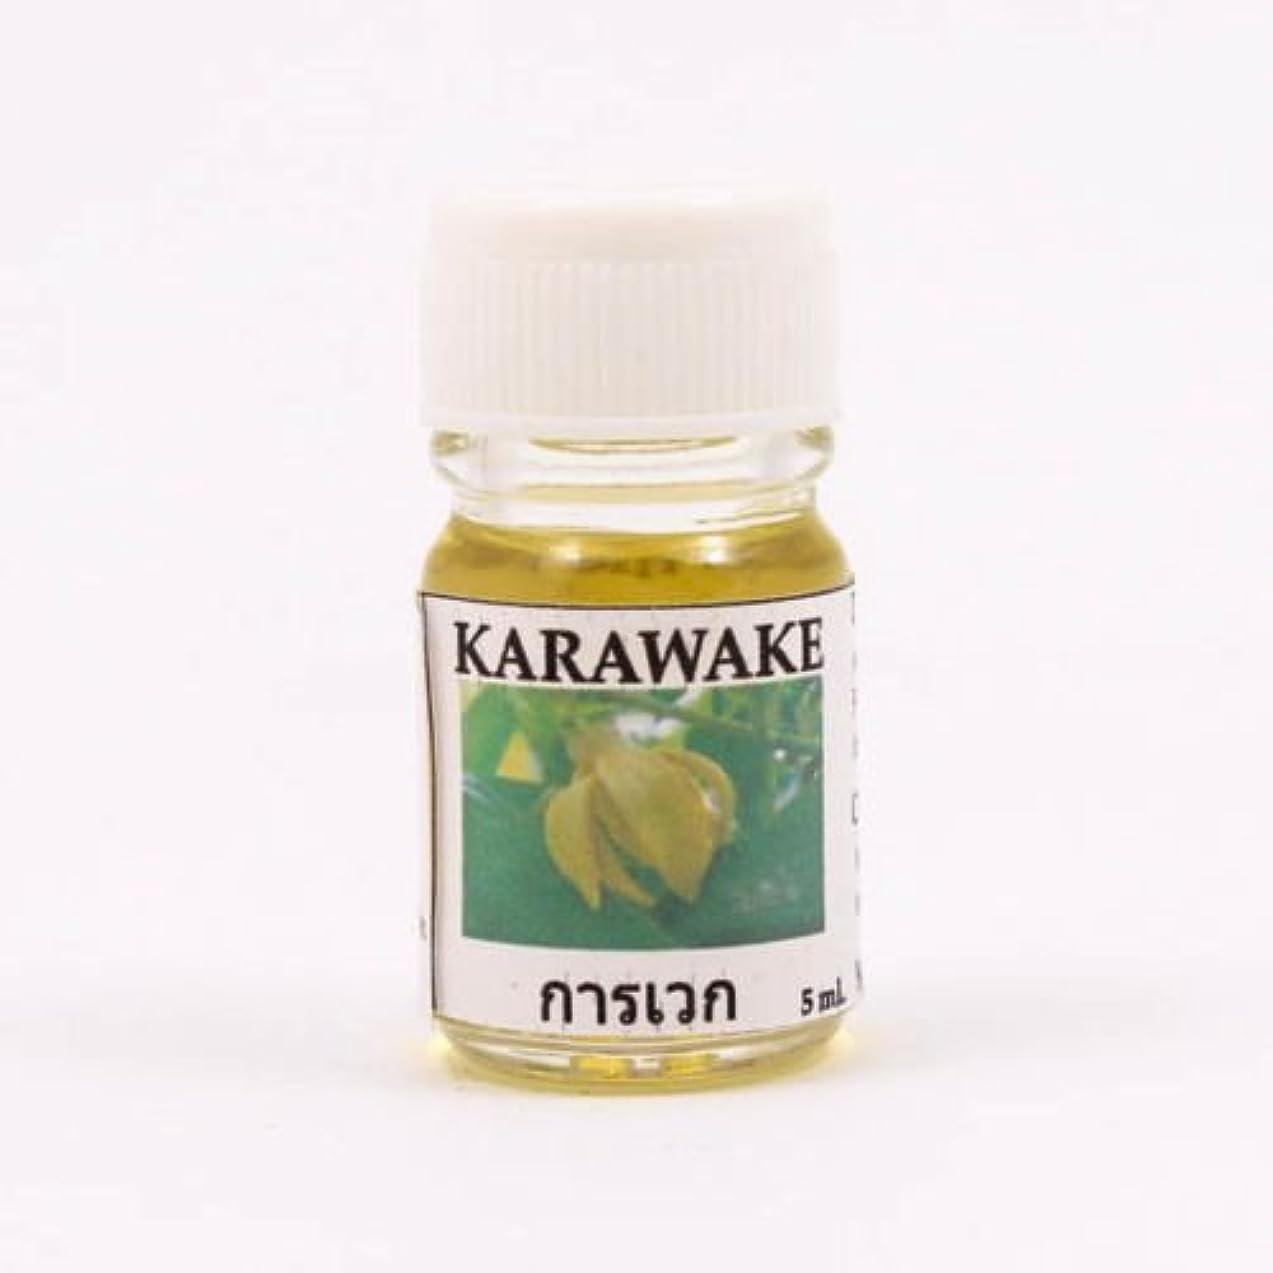 重要な移住する損失6X Karawake Aroma Fragrance Essential Oil 5ML. cc Diffuser Burner Therapy